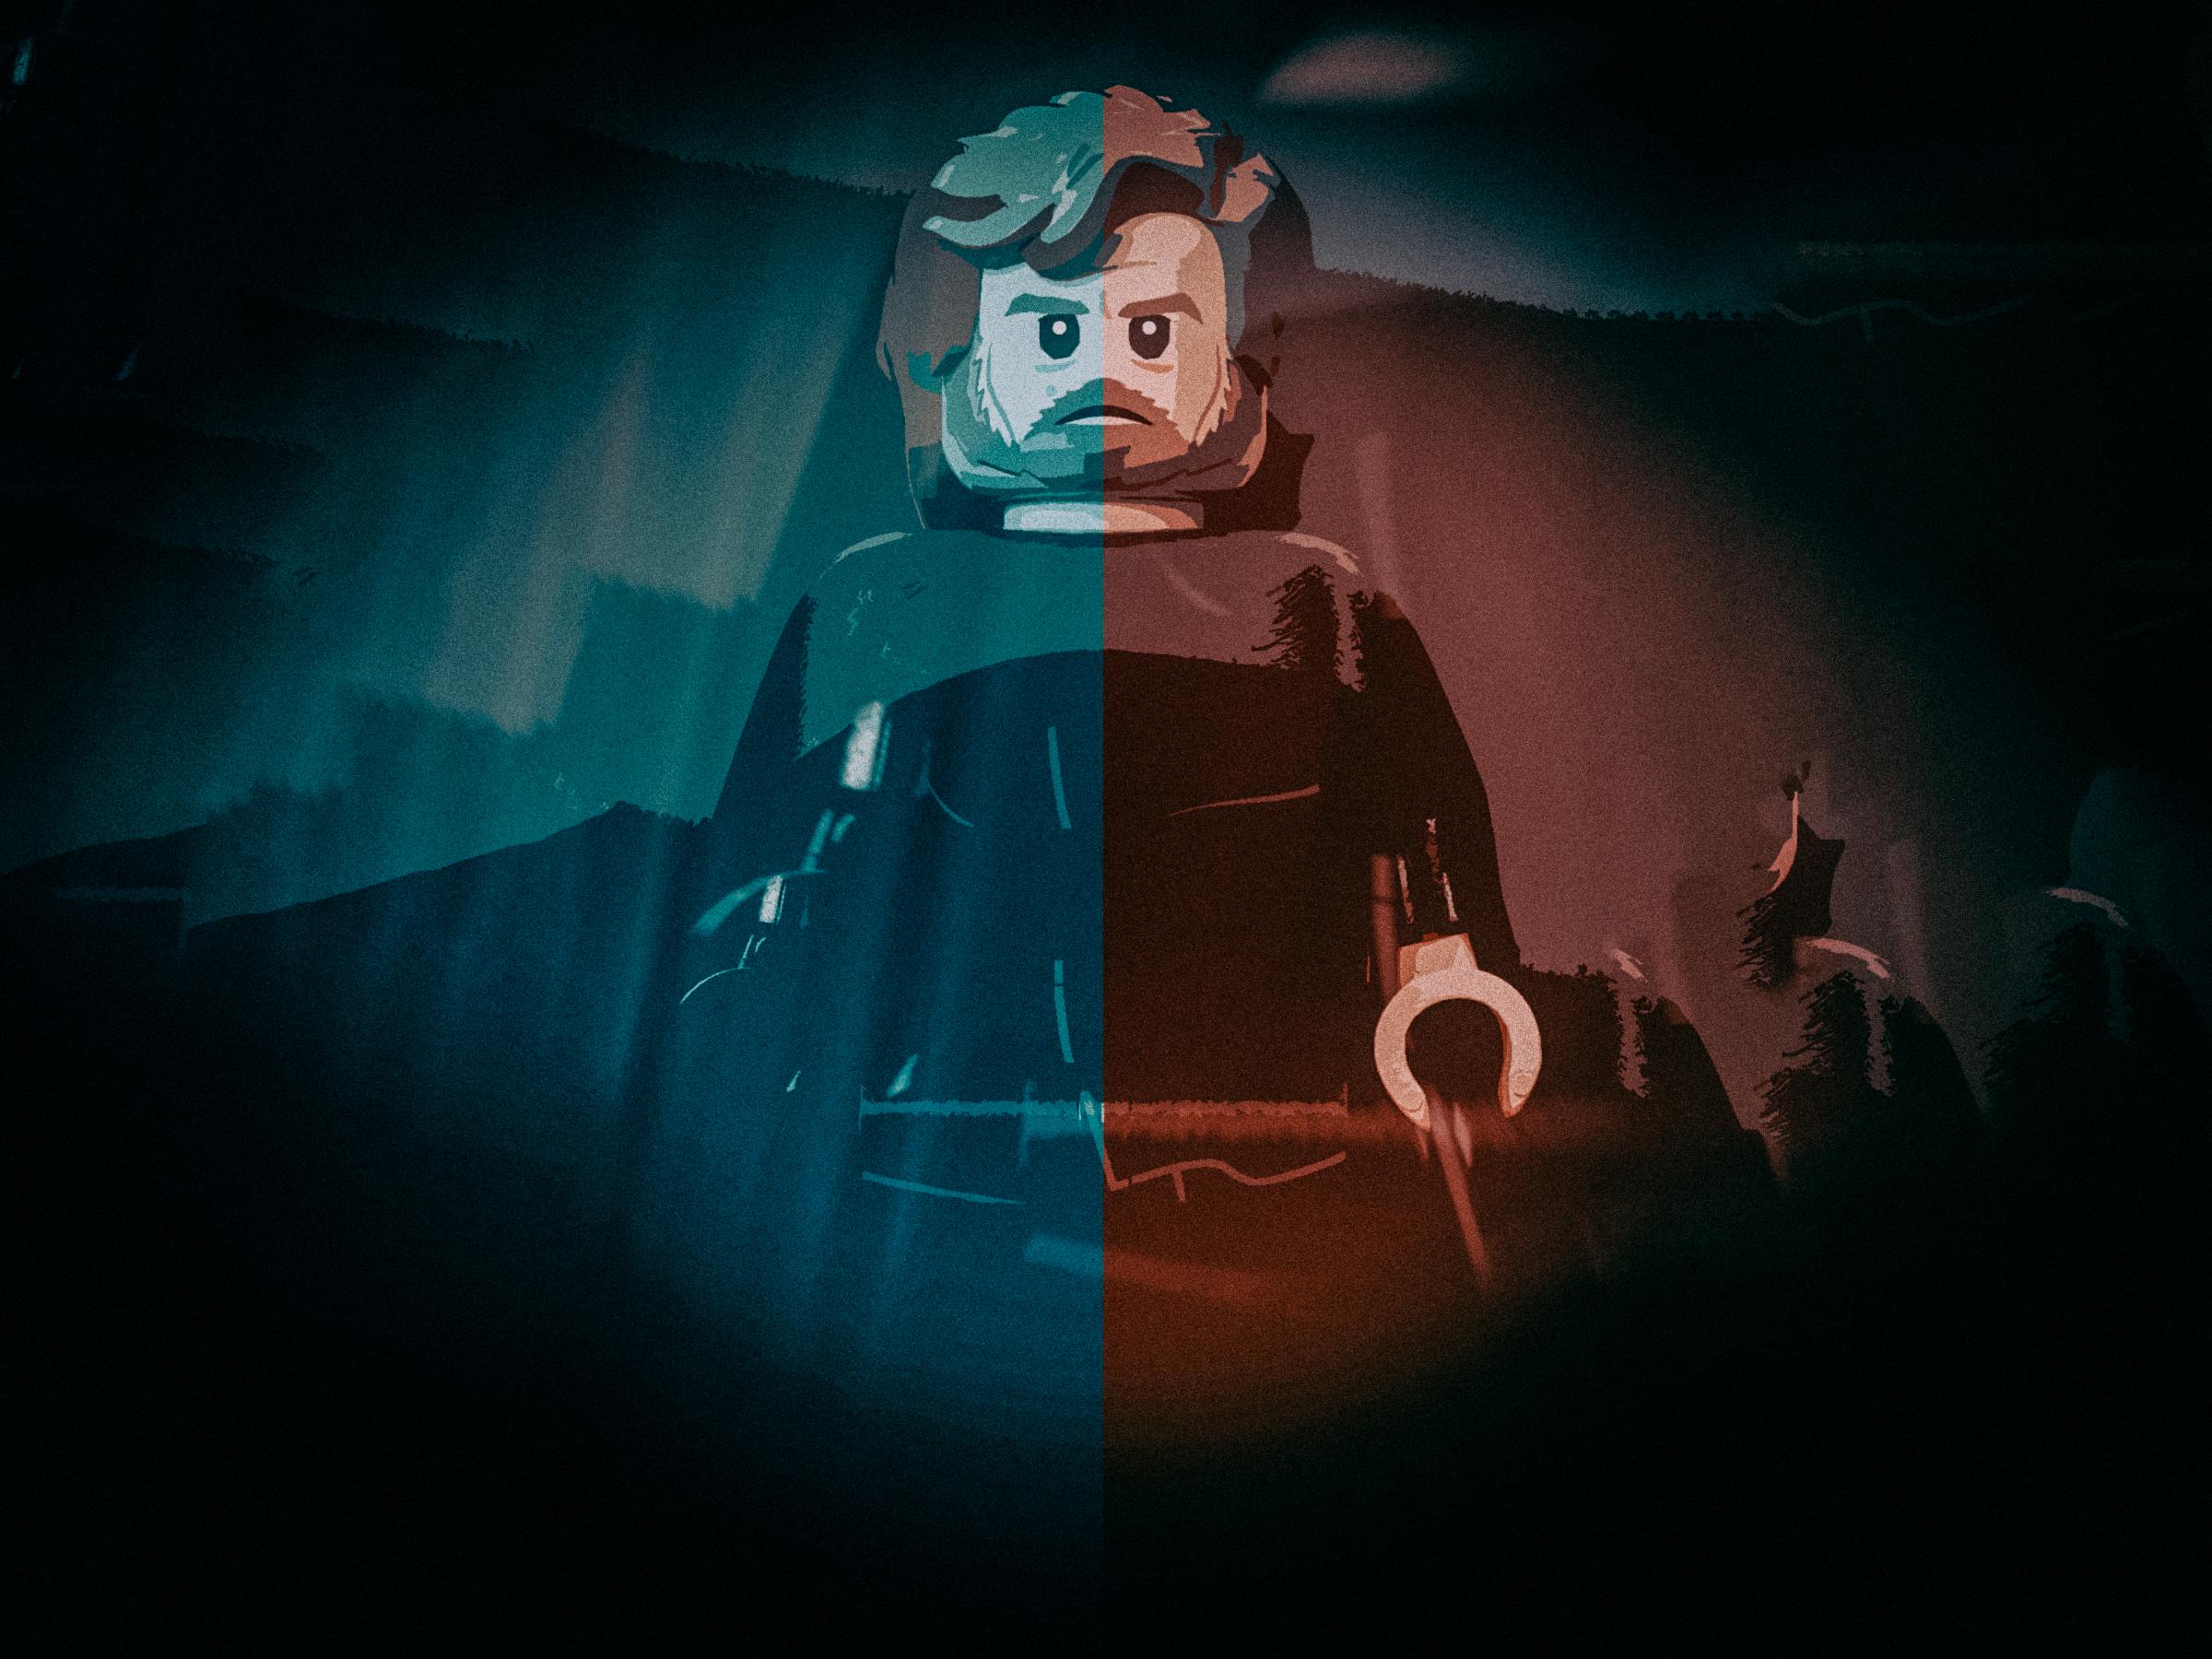 Lego Star Wars Luke Skywalker Hd Wallpaper Background Image